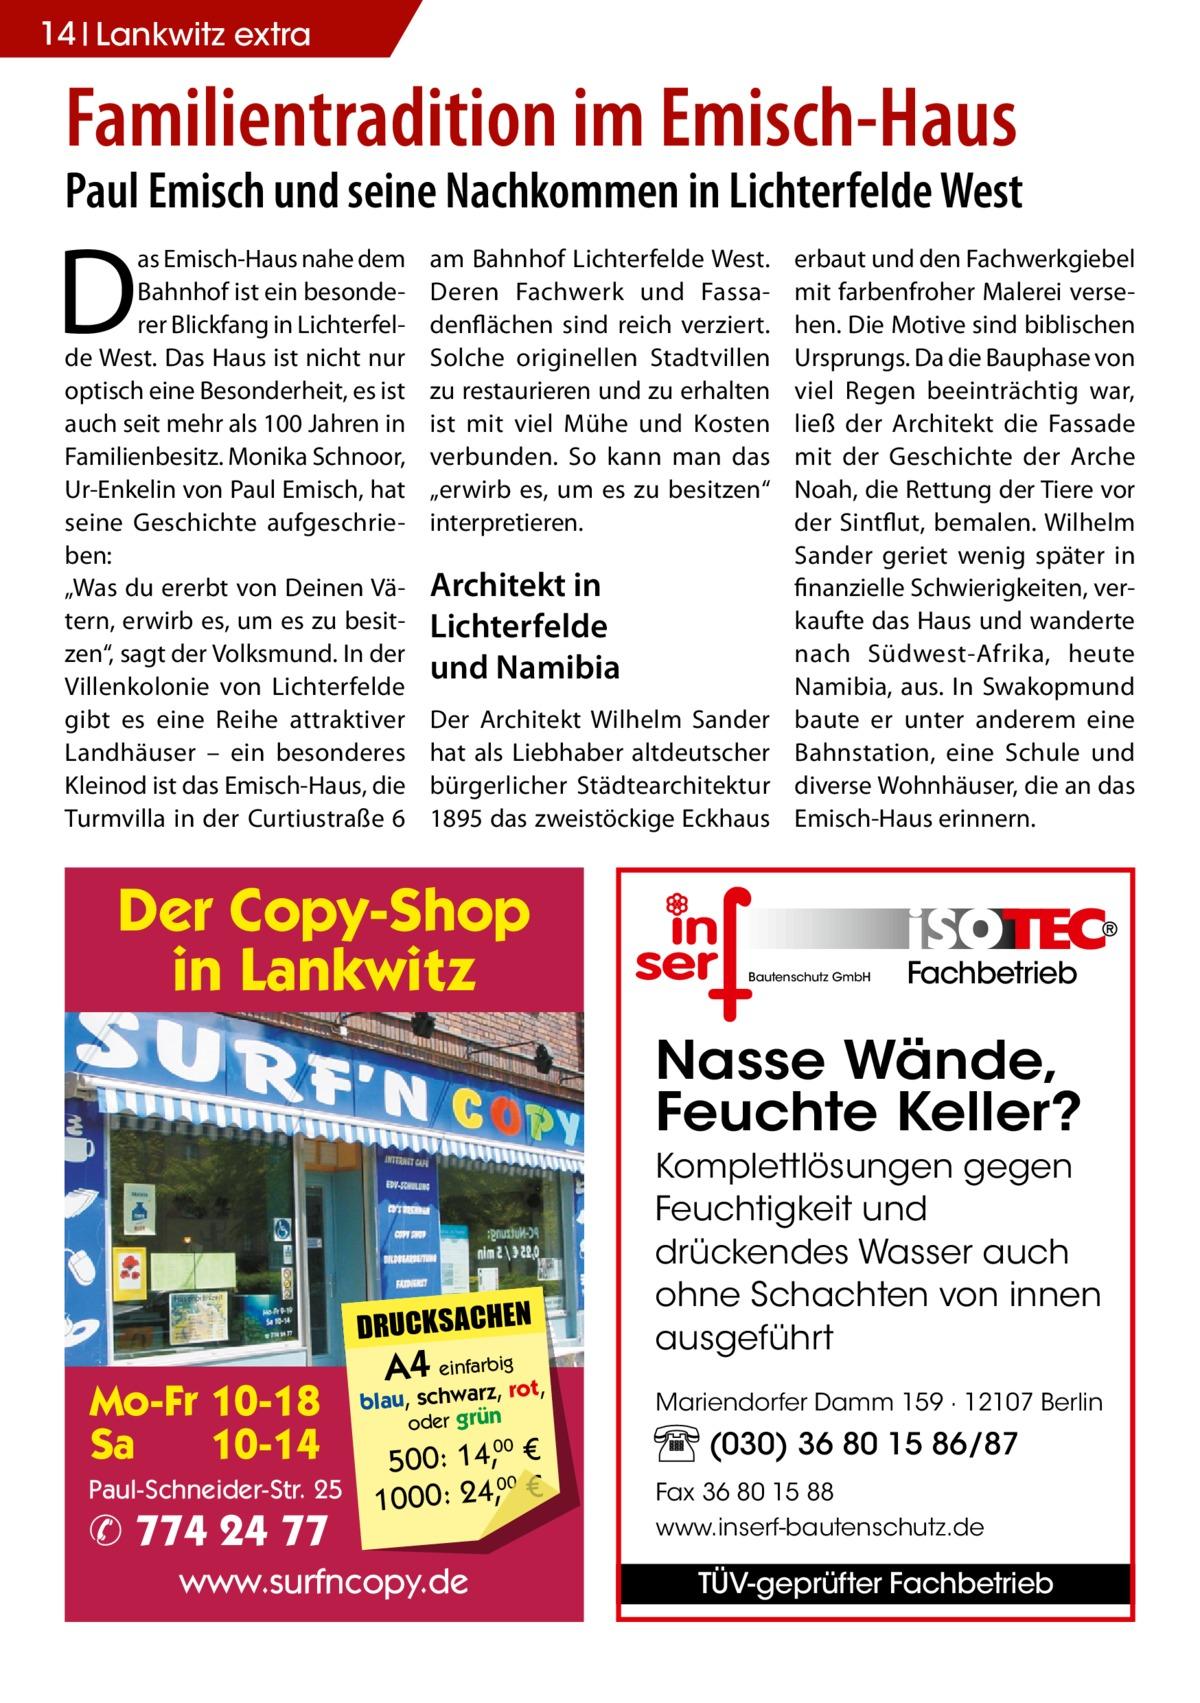 """14 Lankwitz extra  Familientradition im Emisch-Haus  Paul Emisch und seine Nachkommen in Lichterfelde West  D  as Emisch-Haus nahe dem Bahnhof ist ein besonderer Blickfang in Lichterfelde West. Das Haus ist nicht nur optisch eine Besonderheit, es ist auch seit mehr als 100Jahren in Familienbesitz. Monika Schnoor, Ur-Enkelin von Paul Emisch, hat seine Geschichte aufgeschrieben: """"Was du ererbt von Deinen Vätern, erwirb es, um es zu besitzen"""", sagt der Volksmund. In der Villenkolonie von Lichterfelde gibt es eine Reihe attraktiver Landhäuser – ein besonderes Kleinod ist das Emisch-Haus, die Turmvilla in der Curtiustraße6  am Bahnhof Lichterfelde West. Deren Fachwerk und Fassadenflächen sind reich verziert. Solche originellen Stadtvillen zu restaurieren und zu erhalten ist mit viel Mühe und Kosten verbunden. So kann man das """"erwirb es, um es zu besitzen"""" interpretieren.  Architekt in Lichterfelde und Namibia Der Architekt Wilhelm Sander hat als Liebhaber altdeutscher bürgerlicher Städtearchitektur 1895 das zweistöckige Eckhaus  Der Copy-Shop in Lankwitz  erbaut und den Fachwerkgiebel mit farbenfroher Malerei versehen. Die Motive sind biblischen Ursprungs. Da die Bauphase von viel Regen beeinträchtig war, ließ der Architekt die Fassade mit der Geschichte der Arche Noah, die Rettung der Tiere vor der Sintflut, bemalen. Wilhelm Sander geriet wenig später in finanzielle Schwierigkeiten, verkaufte das Haus und wanderte nach Südwest-Afrika, heute Namibia, aus. In Swakopmund baute er unter anderem eine Bahnstation, eine Schule und diverse Wohnhäuser, die an das Emisch-Haus erinnern.  Bautenschutz GmbH  Fachbetrieb  Nasse Wände, Feuchte Keller?  DRUCKSACHEN  Mo-Fr 10-18 Sa 10-14 Paul-Schneider-Str. 25  ✆ 774 24 77  A4 einfarz,bigrot,  blau, schwar oder grün  500: 14, € 00 1000: 24,, €  www.surfncopy.de  00  Komplettlösungen gegen Feuchtigkeit und drückendes Wasser auch ohne Schachten von innen ausgeführt Mariendorfer Damm 159 · 12107 Berlin  (030) 36 80 15 86/87 Fax 36 80 15 88"""